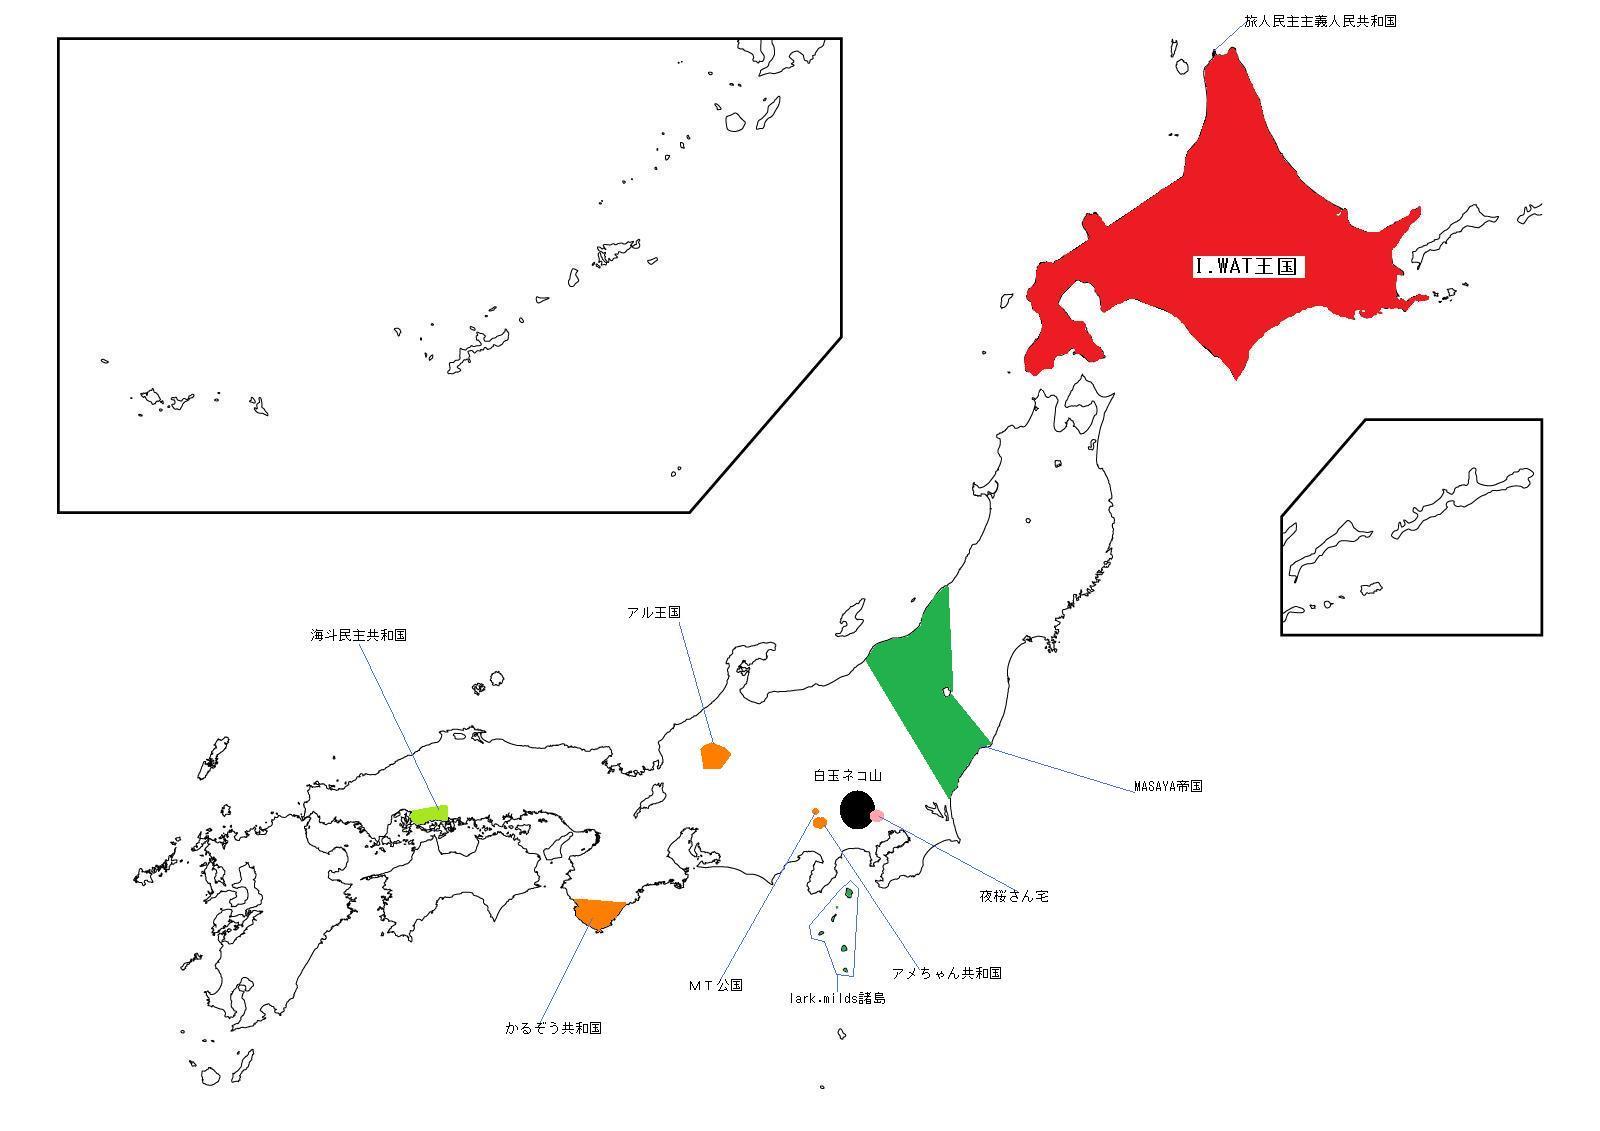 日本地図1